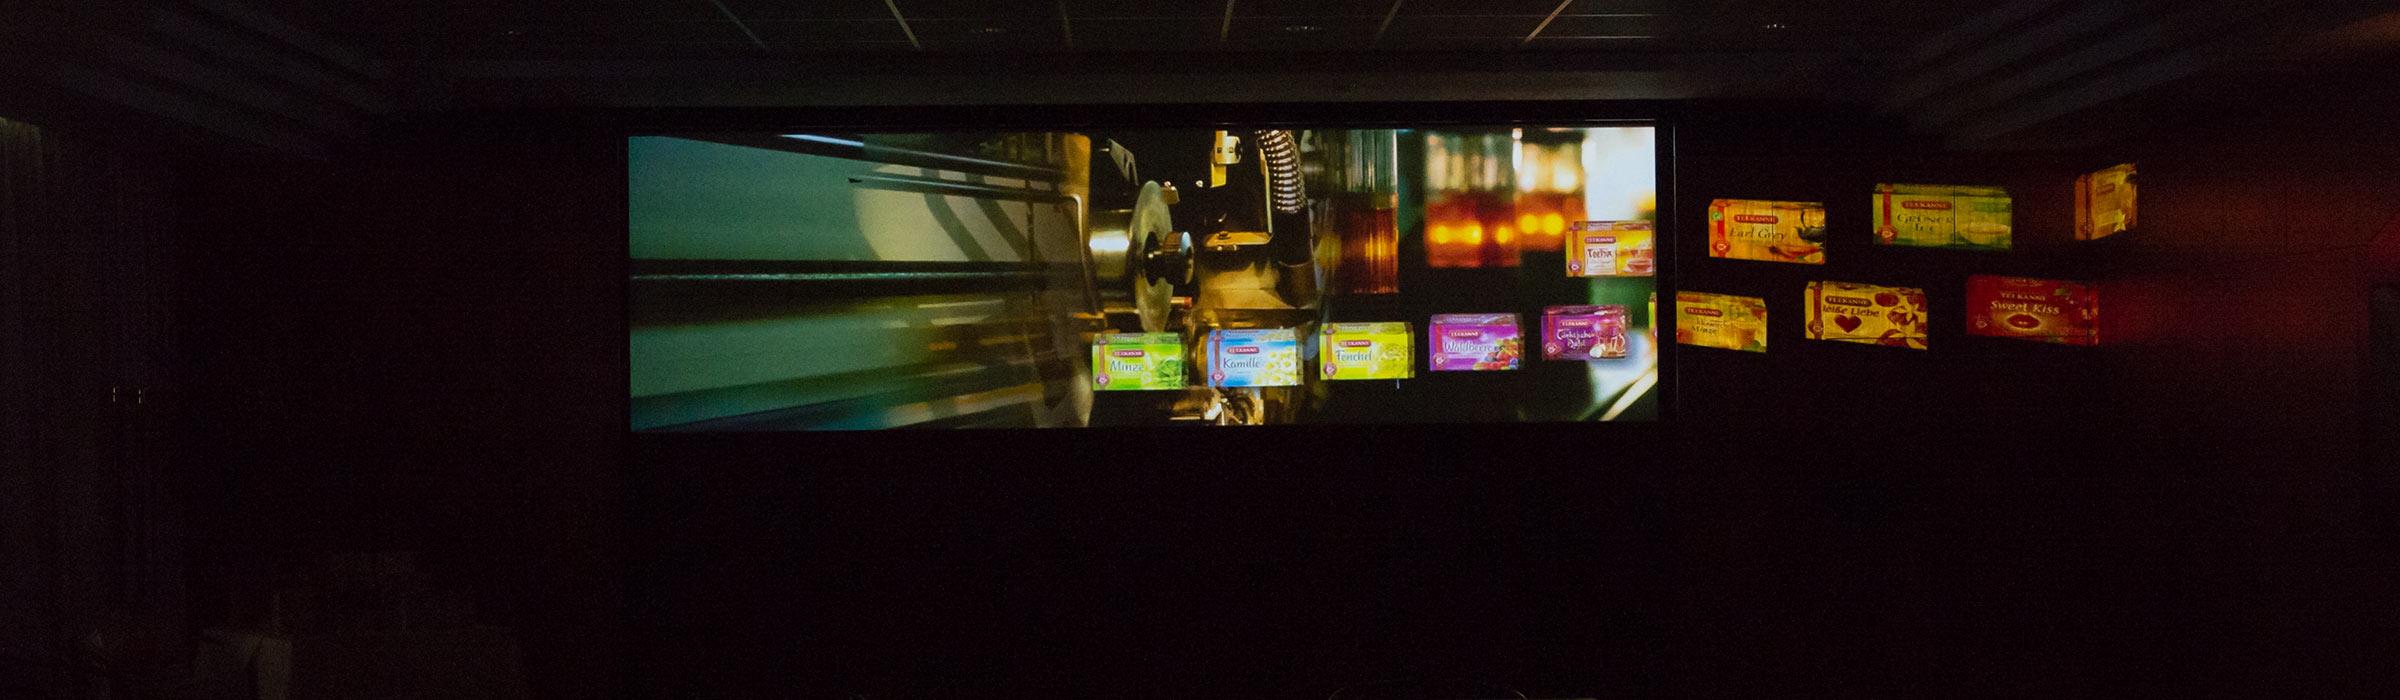 Digitalisierung zweier Dia-Schauen für Teekanne